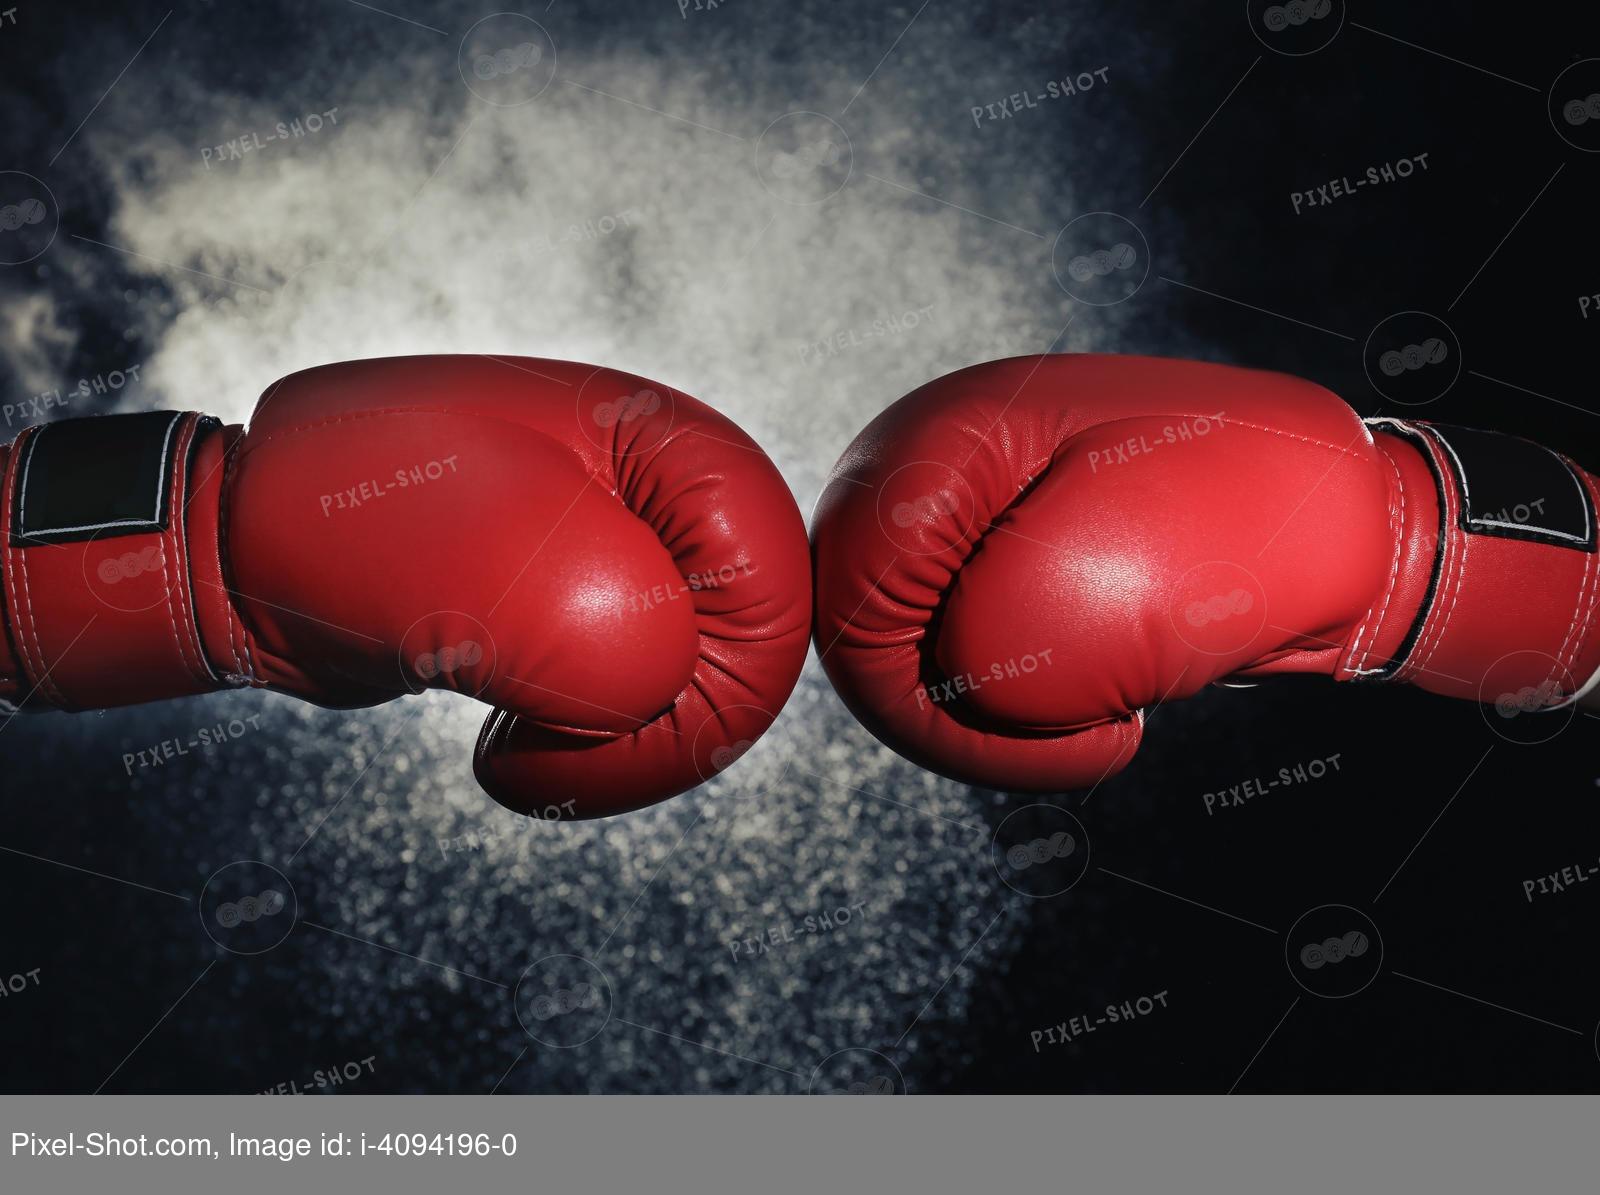 Рейтинг лучших боксерских перчаток для тренировок в 2020 году